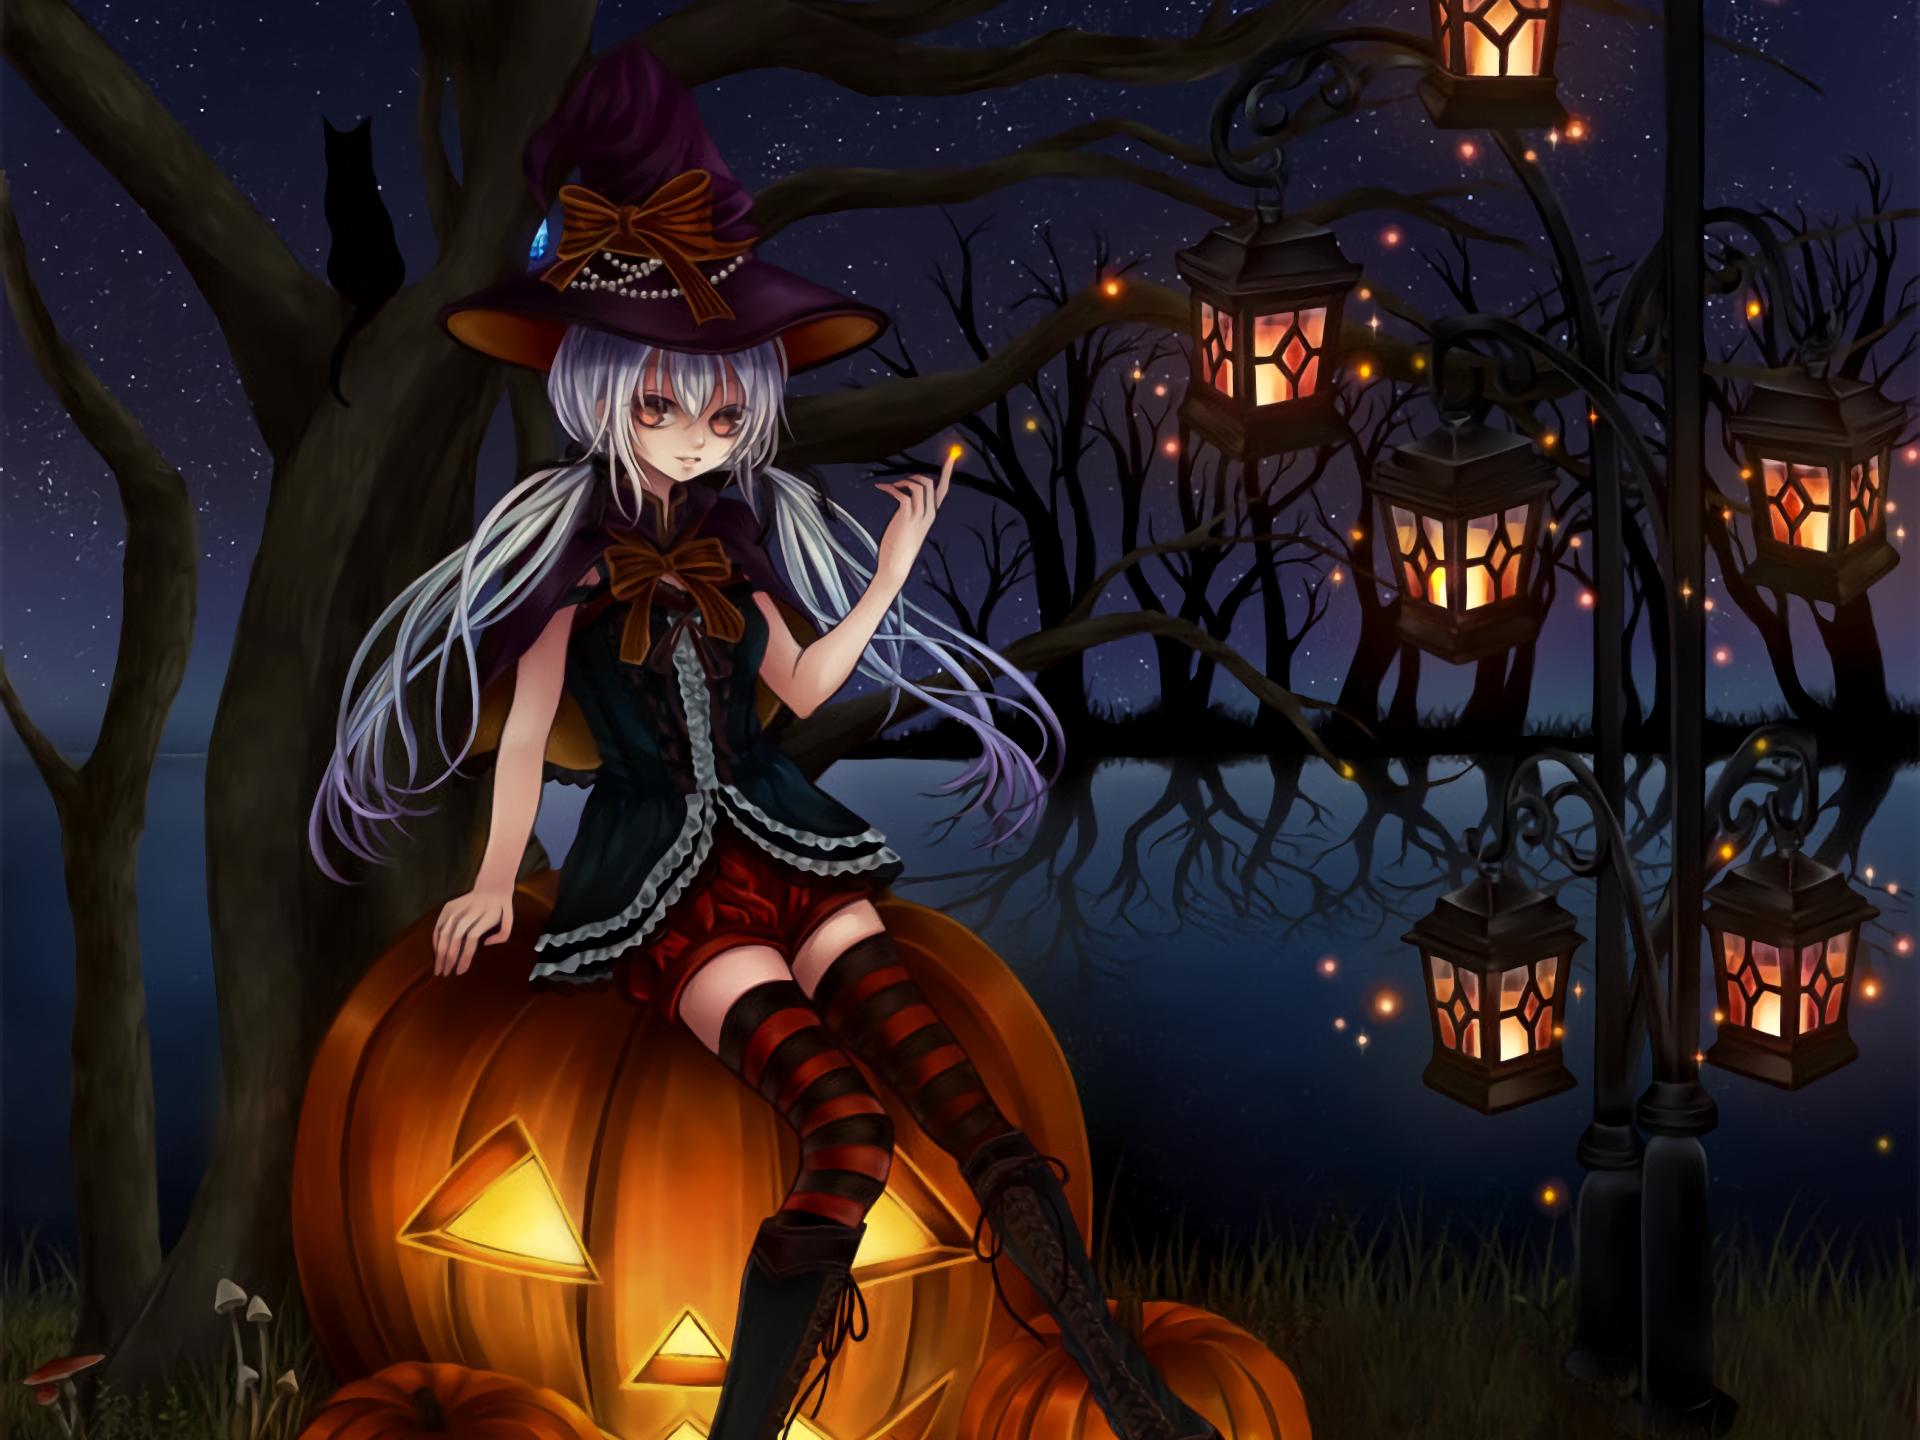 Halloween Anime Hd Wallpaper 2020 Live Wallpaper Hd Anime Halloween Halloween Desktop Wallpaper Halloween Digital Art